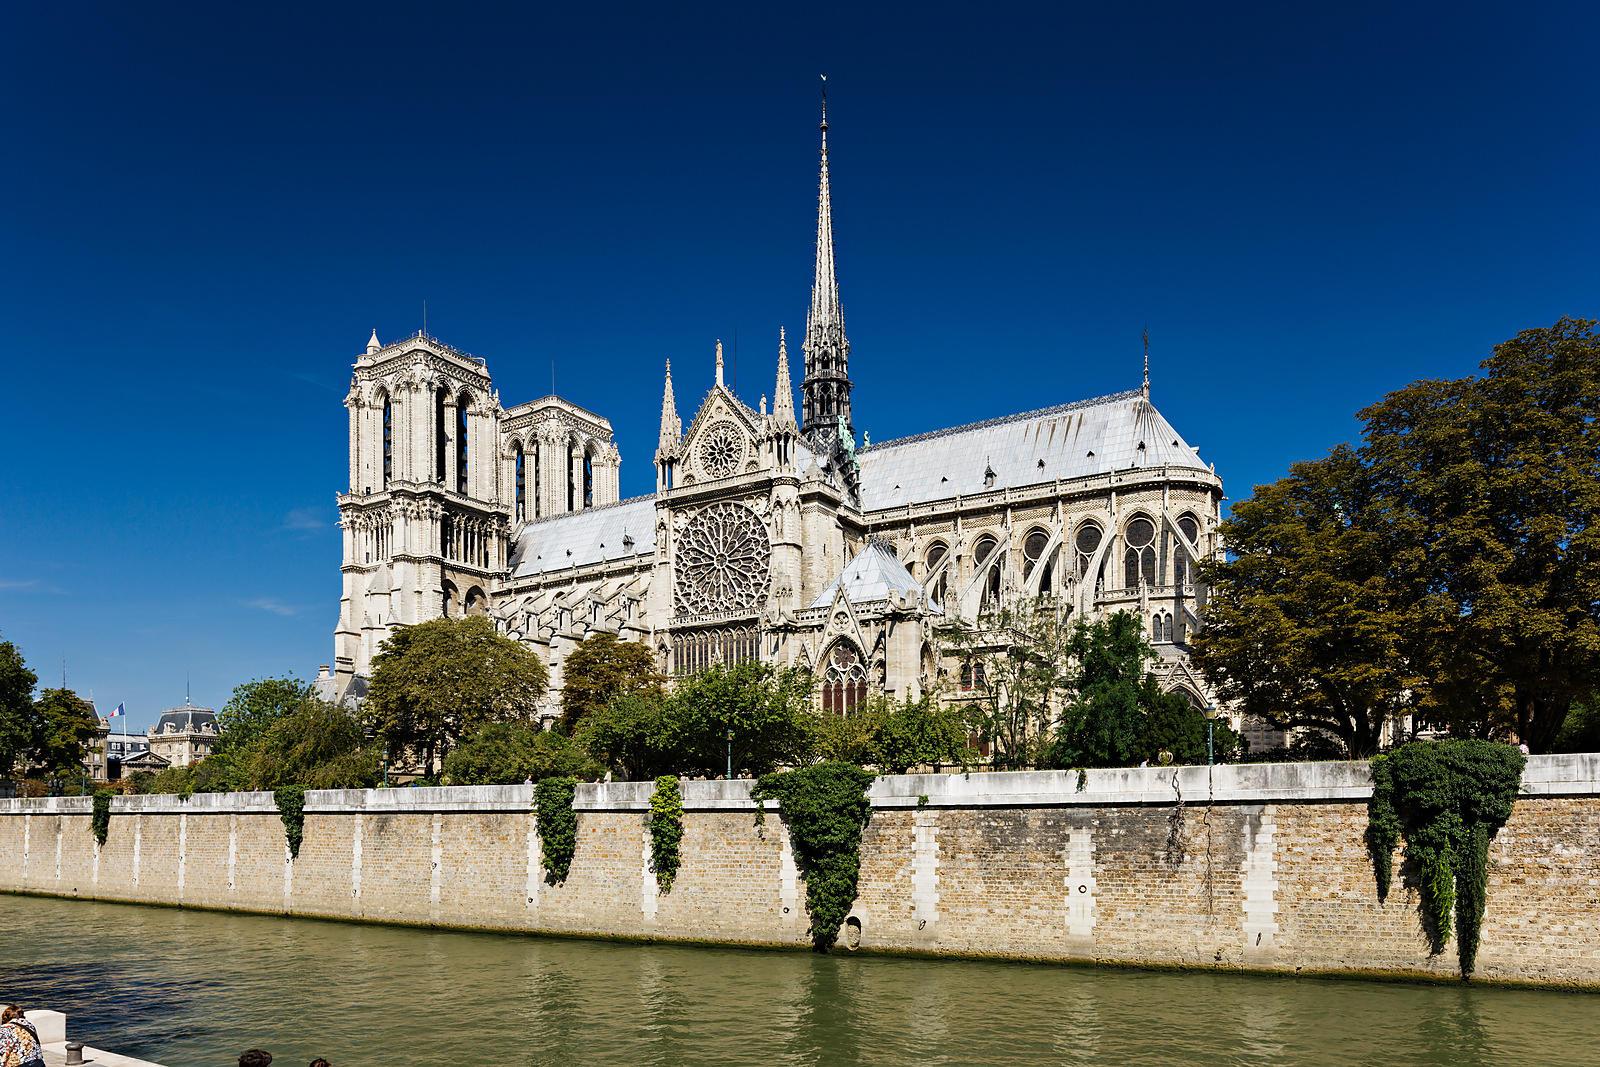 Image Cathédrale Notre Dame de Paris la Cathédrale Notre Dame et